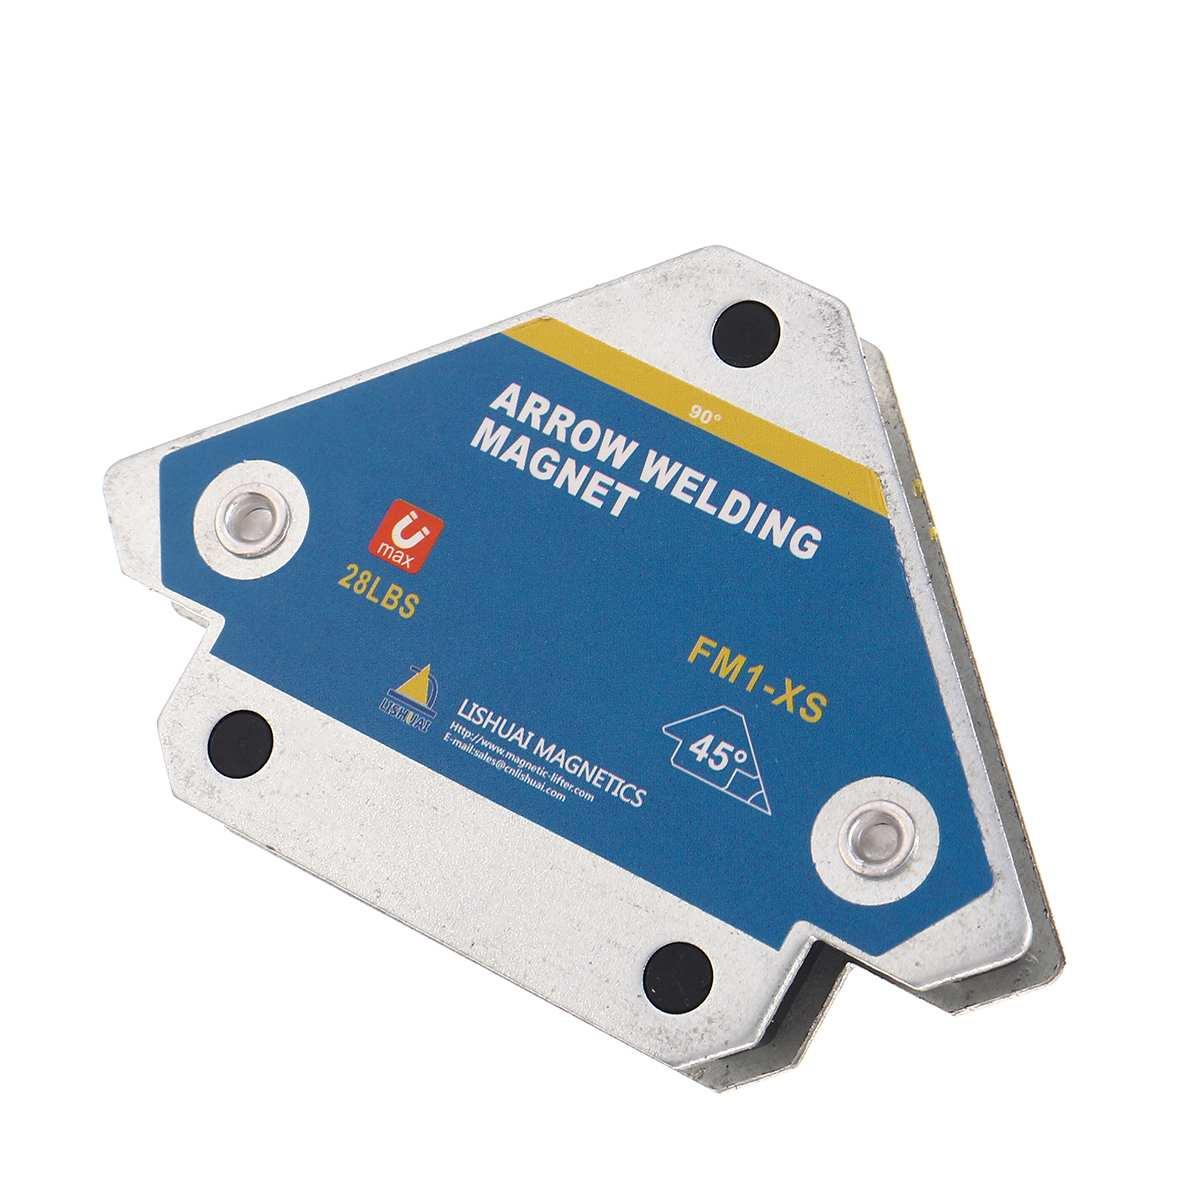 2 adet manyetik kaynak tutucular fikstür ferrit Holding yardımcı pozisyonlandırıcı bulucu araçları donanım bitirme mıknatıs tutucu